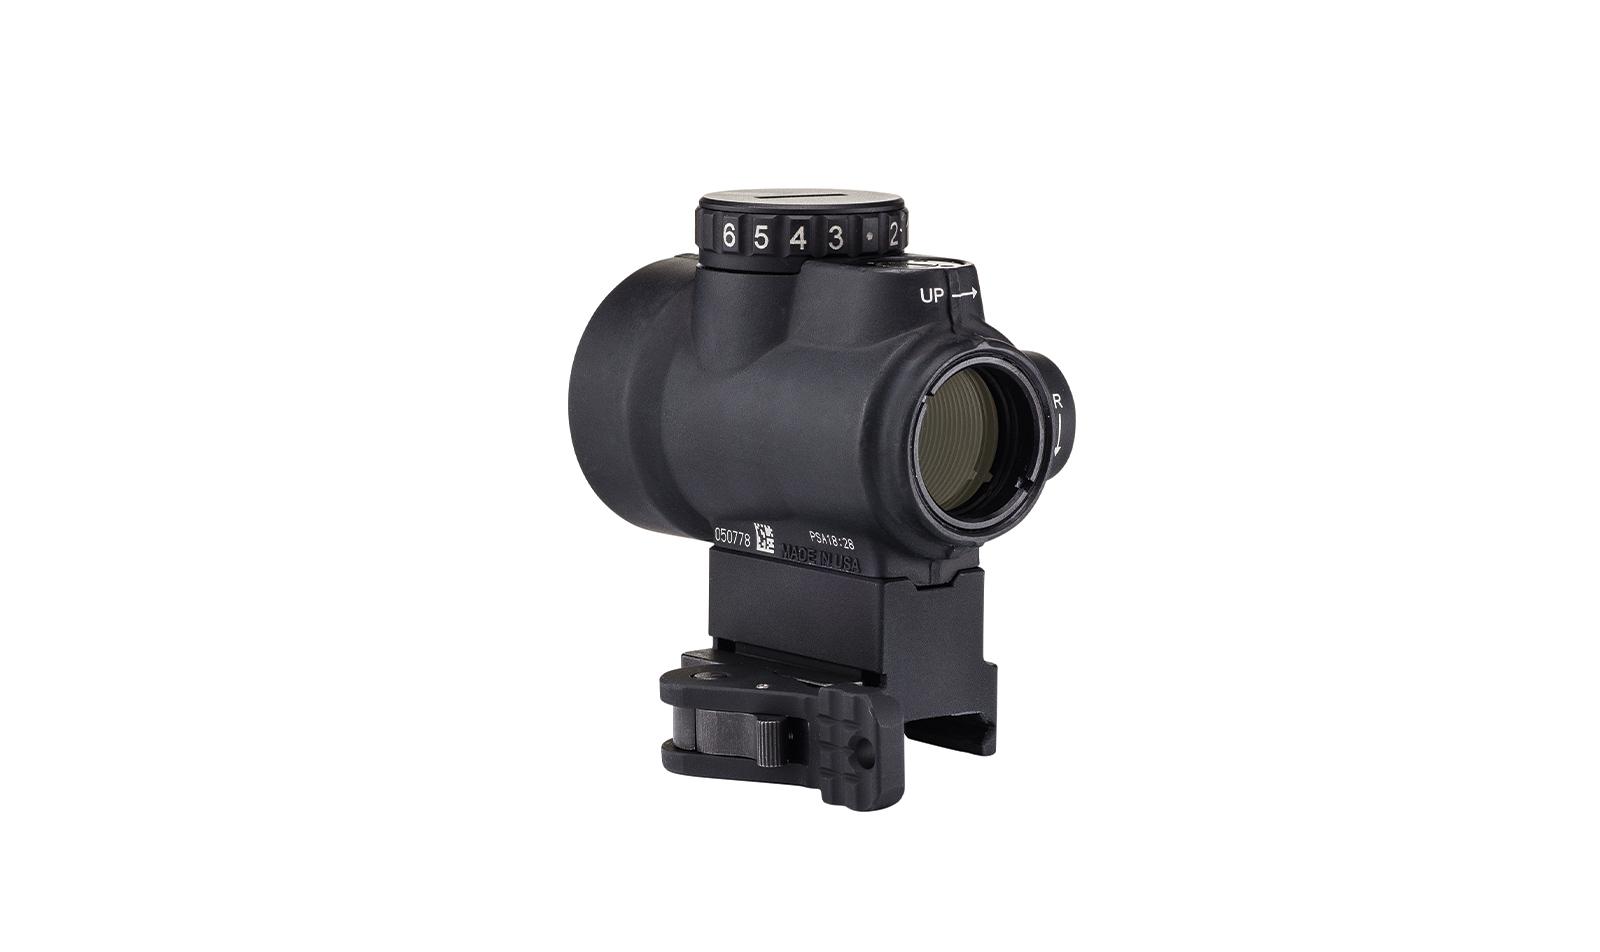 MRO-C-2200033 angle 3